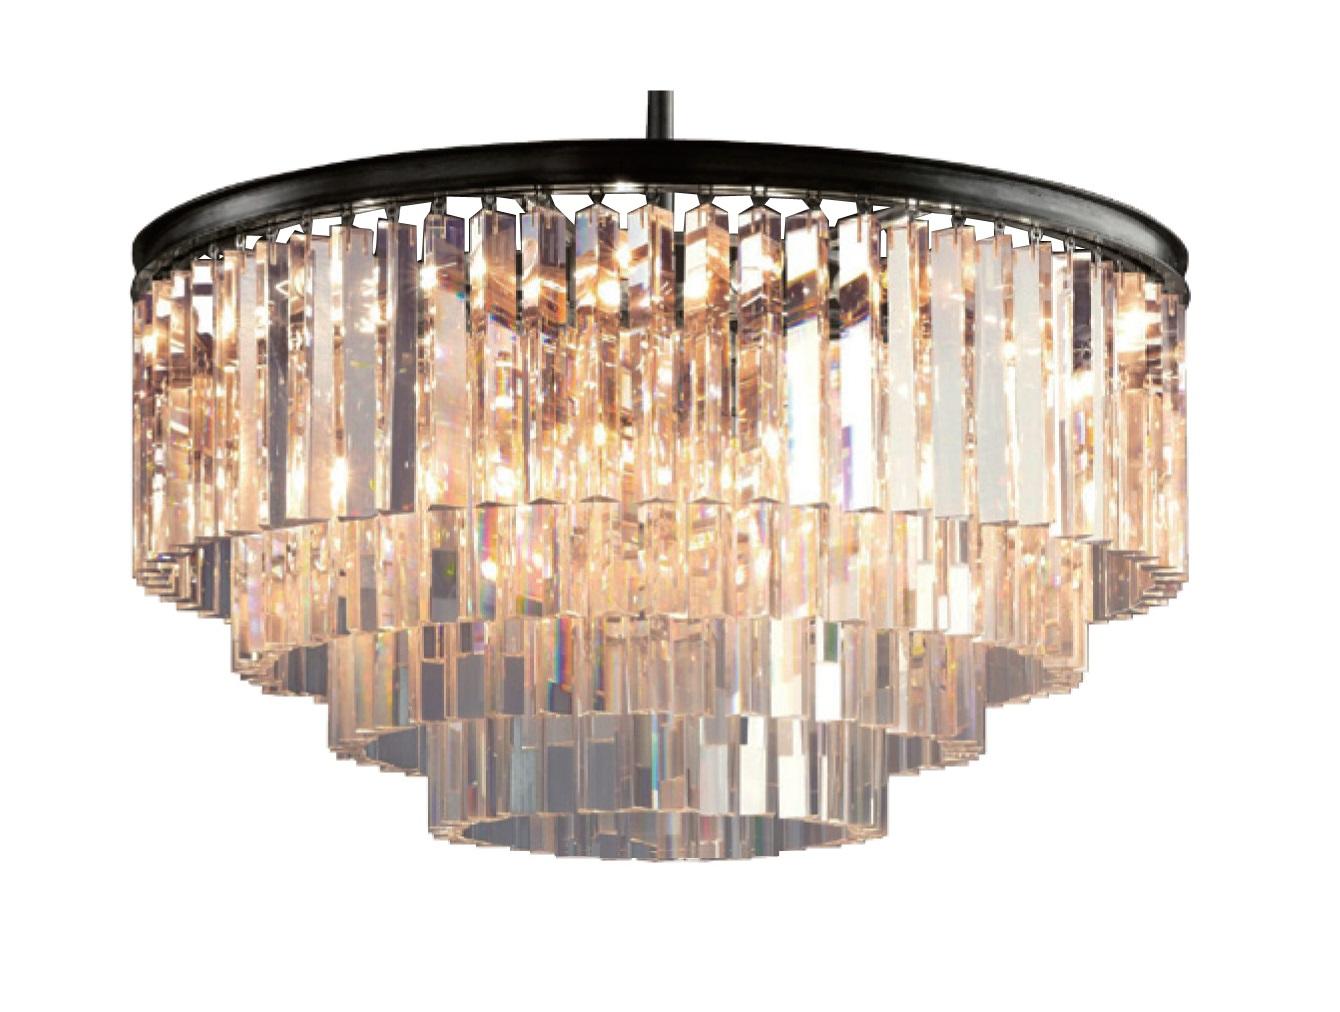 Люстра OdeonЛюстры подвесные<br>Люстра Odeon идеально подходит для классической гостиной в современном стиле. Эта люстра подчеркнет изысканность обстановки. В основе конструкции – хромированный металл со спадающими вниз длинными, тонкими полосками из прозрачного стекла. Множественные полоски из прозрачного стекла создают эффектные переливы на ее поверхности. Эта большая престижная модель оформлена в пять ярусов, между которыми плавные переходы.&amp;amp;nbsp;&amp;lt;div&amp;gt;&amp;lt;br&amp;gt;&amp;lt;/div&amp;gt;&amp;lt;div&amp;gt;&amp;lt;div&amp;gt;Вид цоколя: E14&amp;lt;/div&amp;gt;&amp;lt;div&amp;gt;Мощность: &amp;amp;nbsp;25W&amp;amp;nbsp;&amp;lt;/div&amp;gt;&amp;lt;div&amp;gt;Количество ламп: 9 (нет в комплекте)&amp;lt;/div&amp;gt;&amp;lt;div&amp;gt;&amp;lt;br&amp;gt;&amp;lt;/div&amp;gt;&amp;lt;div&amp;gt;Материал: металл, стекло.&amp;lt;/div&amp;gt;&amp;lt;div&amp;gt;Цвет: прозрачное стекло, черное основание.&amp;lt;/div&amp;gt;&amp;lt;/div&amp;gt;<br><br>Material: Стекло<br>Высота см: 50.0